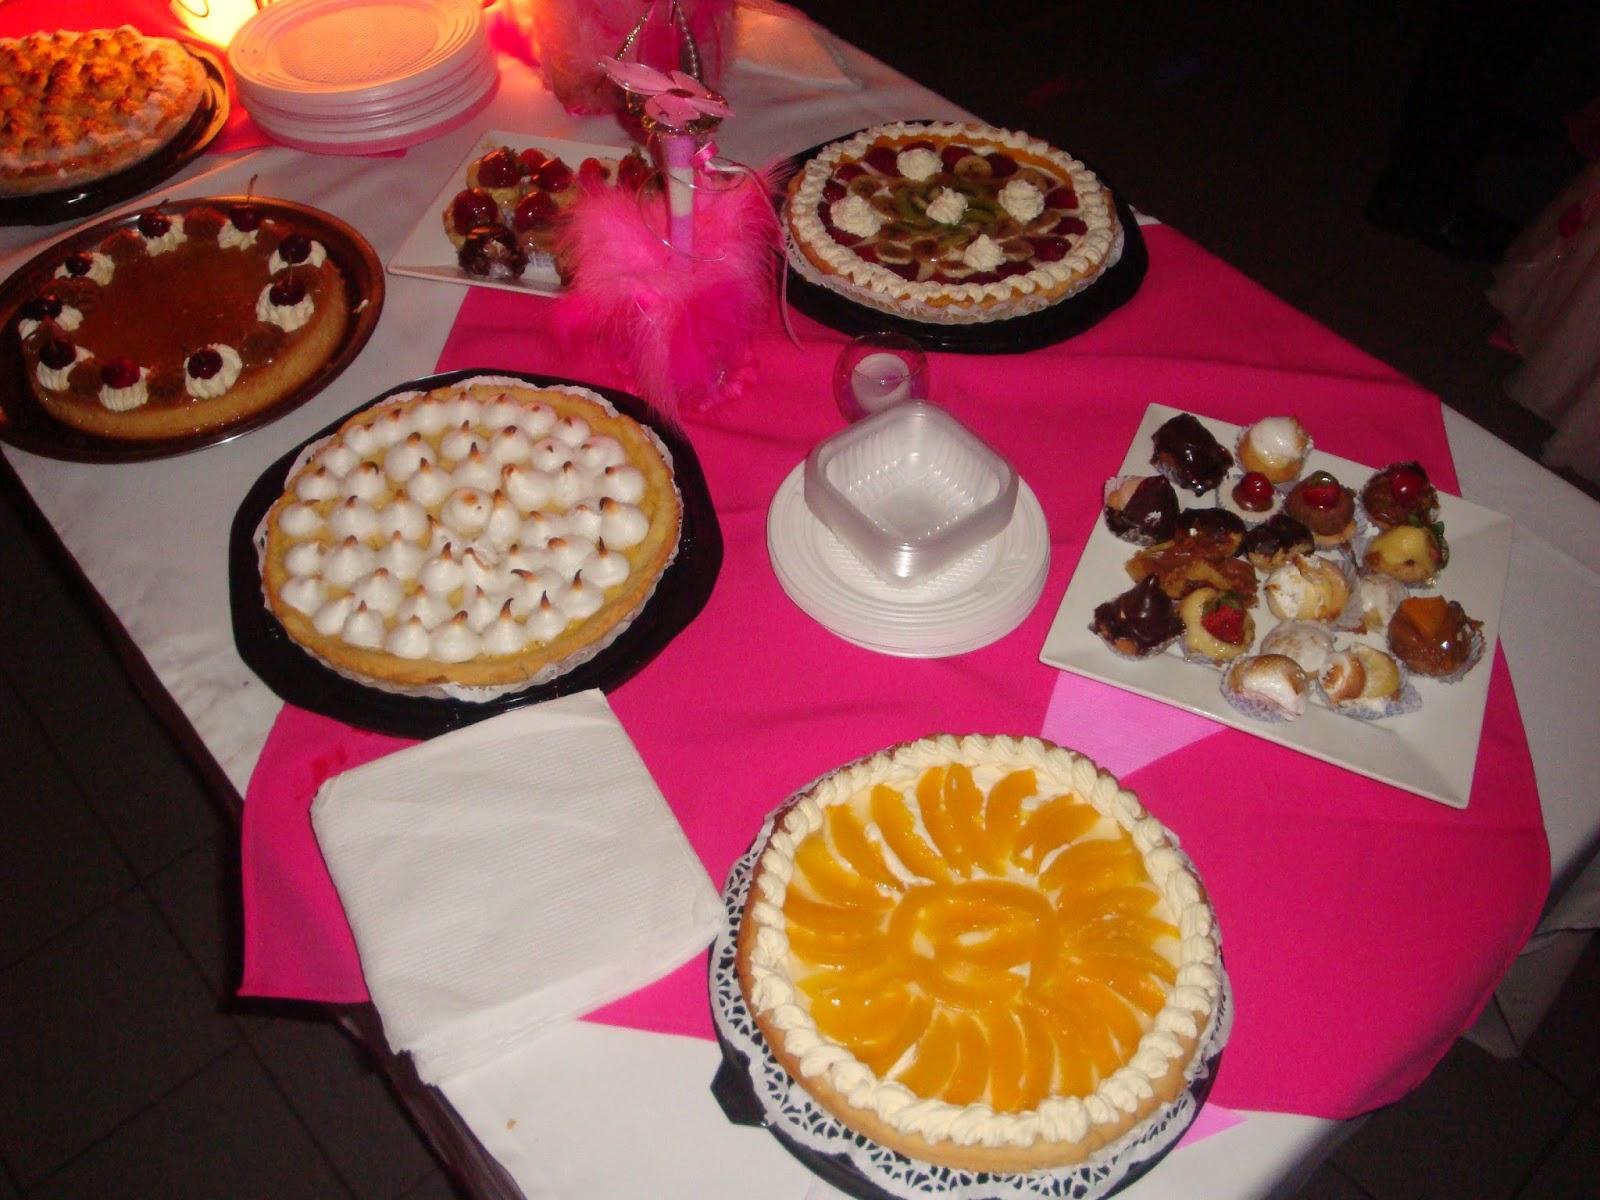 Comida casera y mesa dulce para cumplea os y eventos mesa dulce 15 a os - Comidas para cumpleanos en casa ...